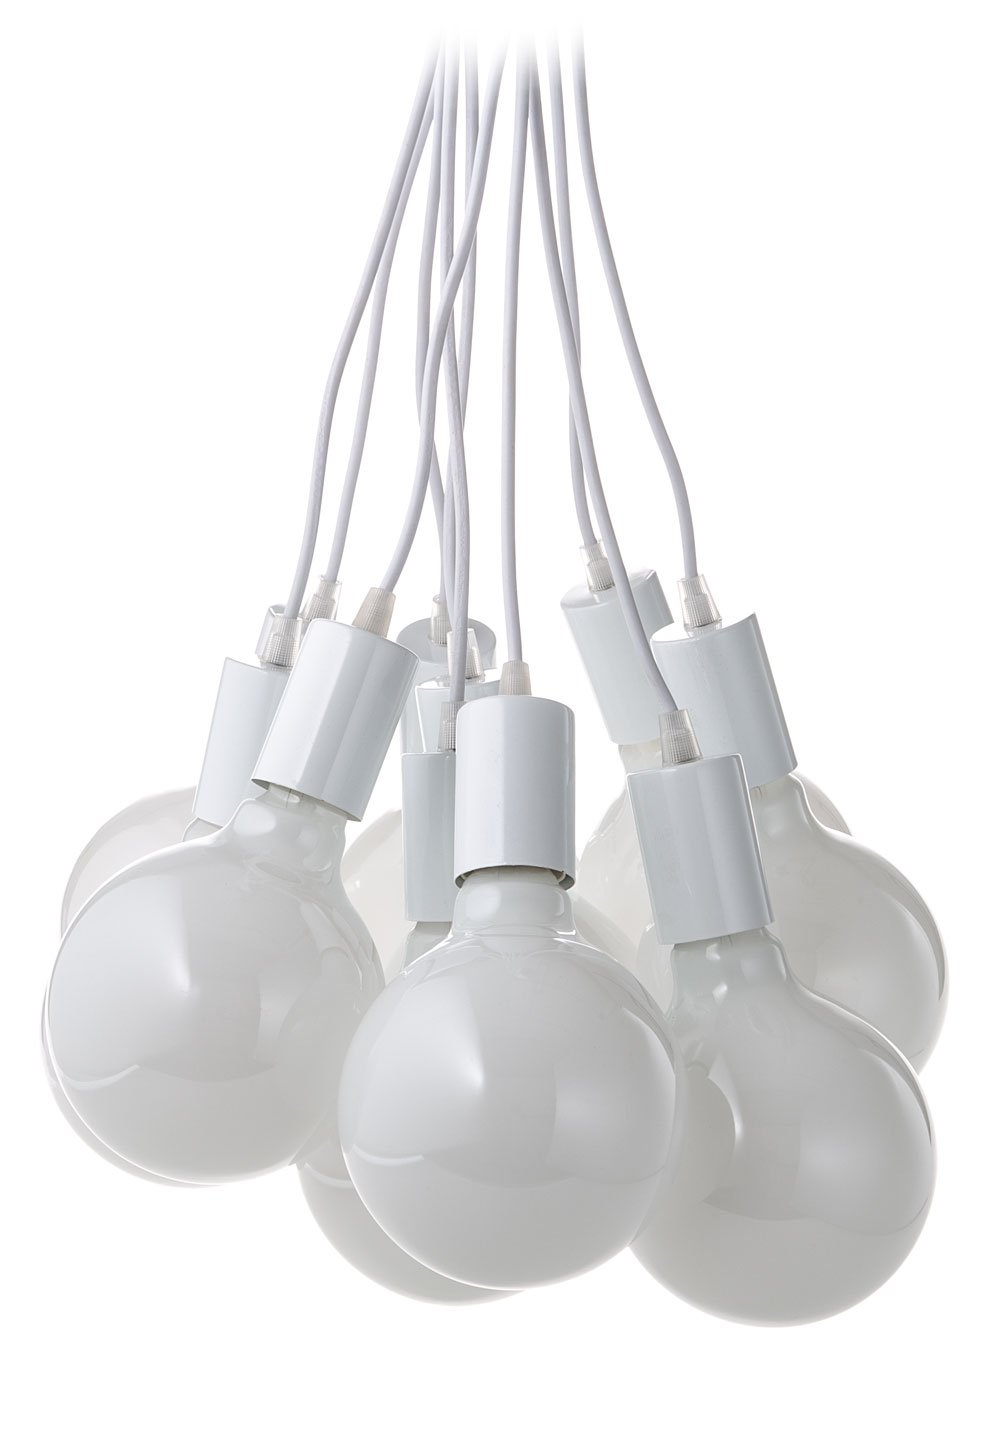 Tomasucci 0838 Soft Lampe, Opak Weiß